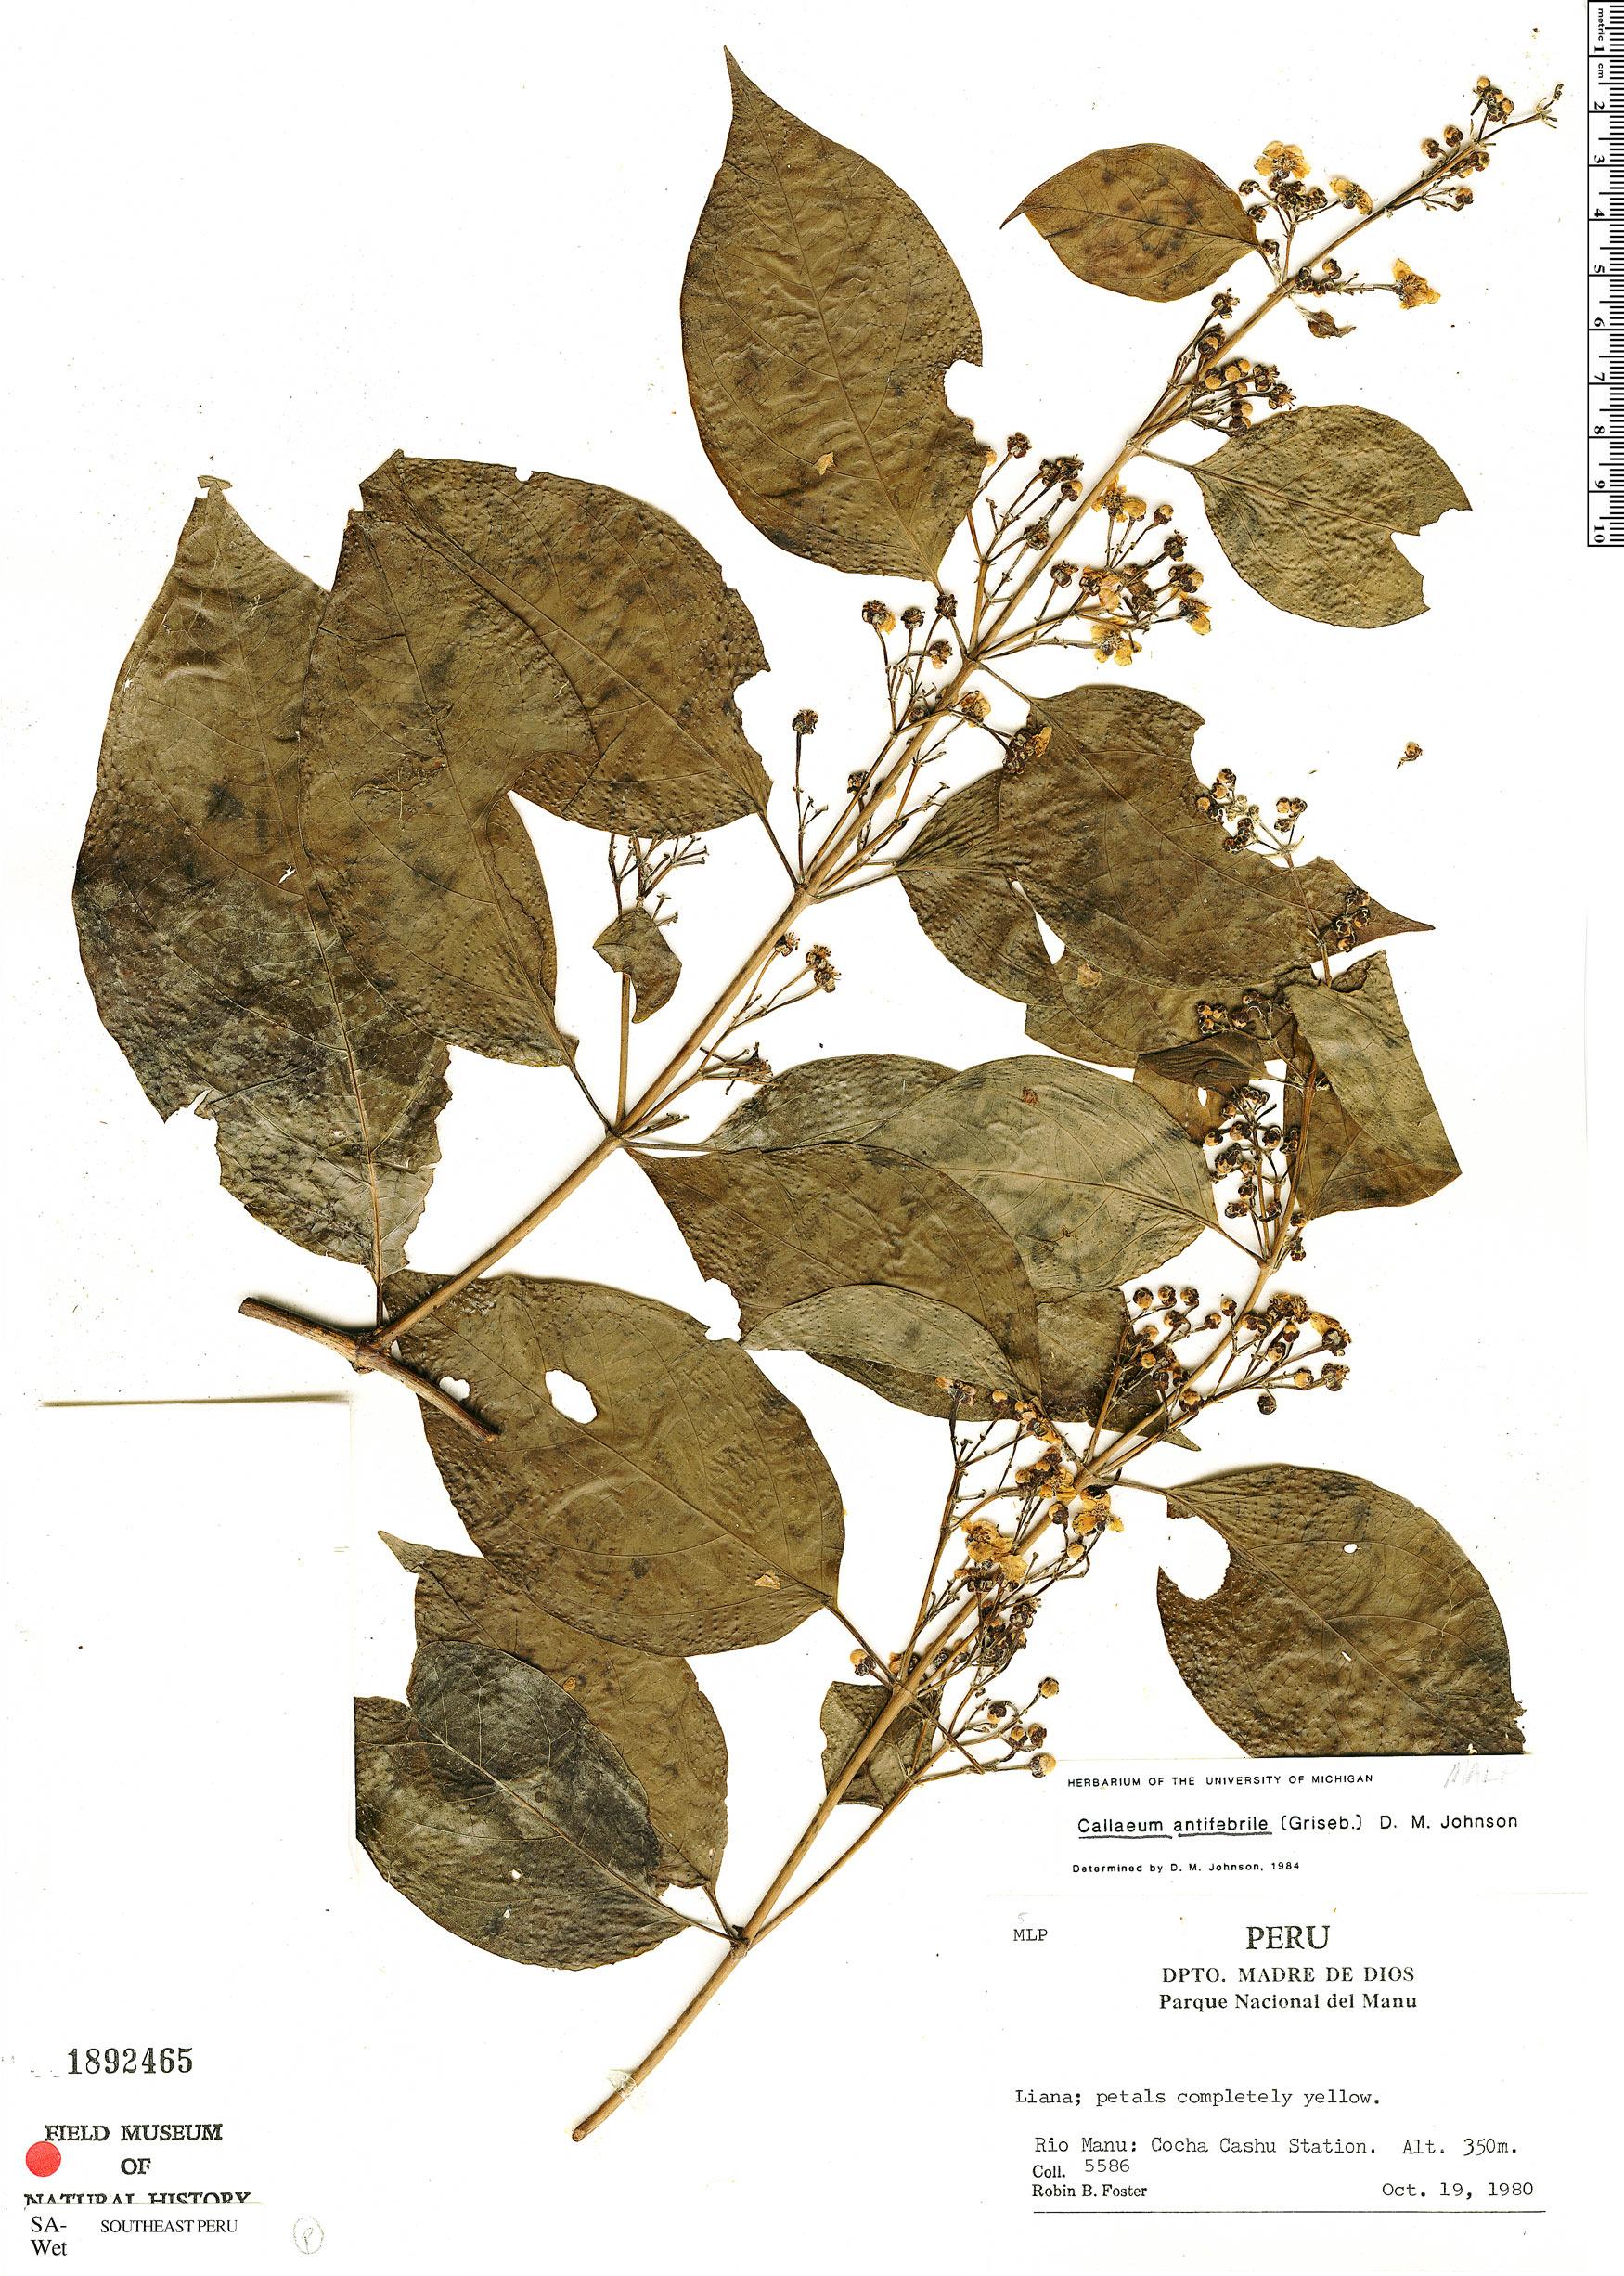 Specimen: Callaeum antifebrile